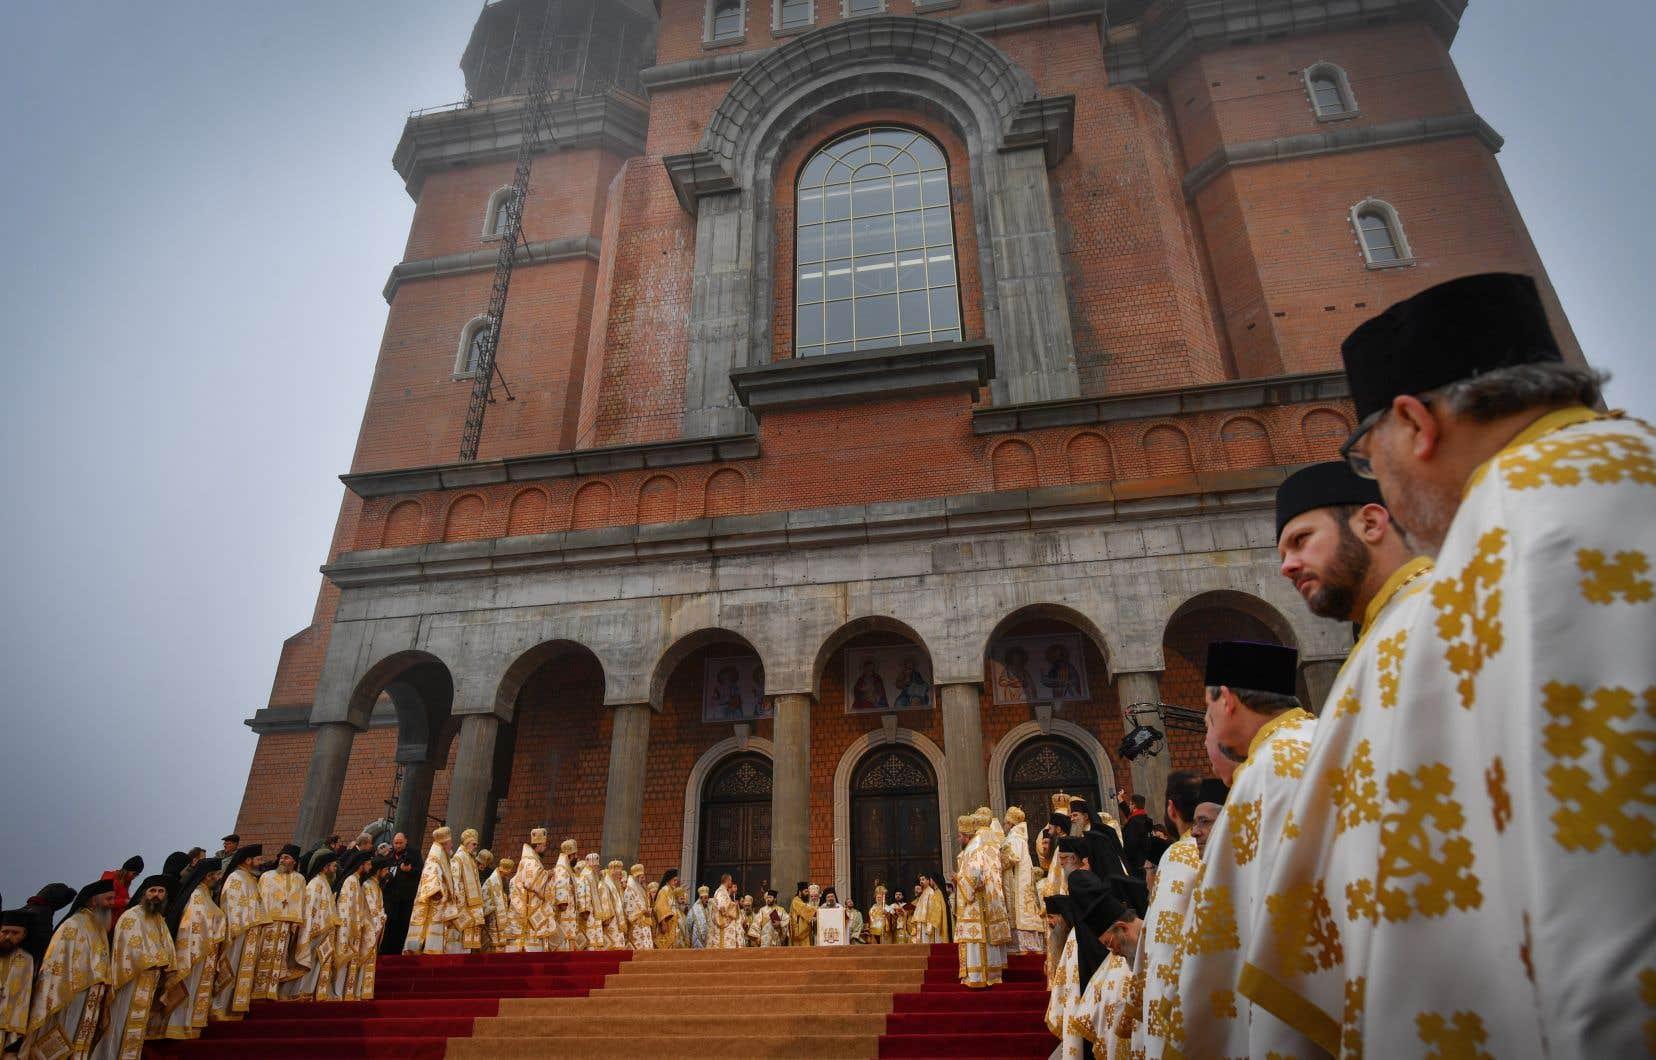 La cathédrale s'étale sur près de 14000m2 et peut accueillir jusqu'à 5000 fidèles.